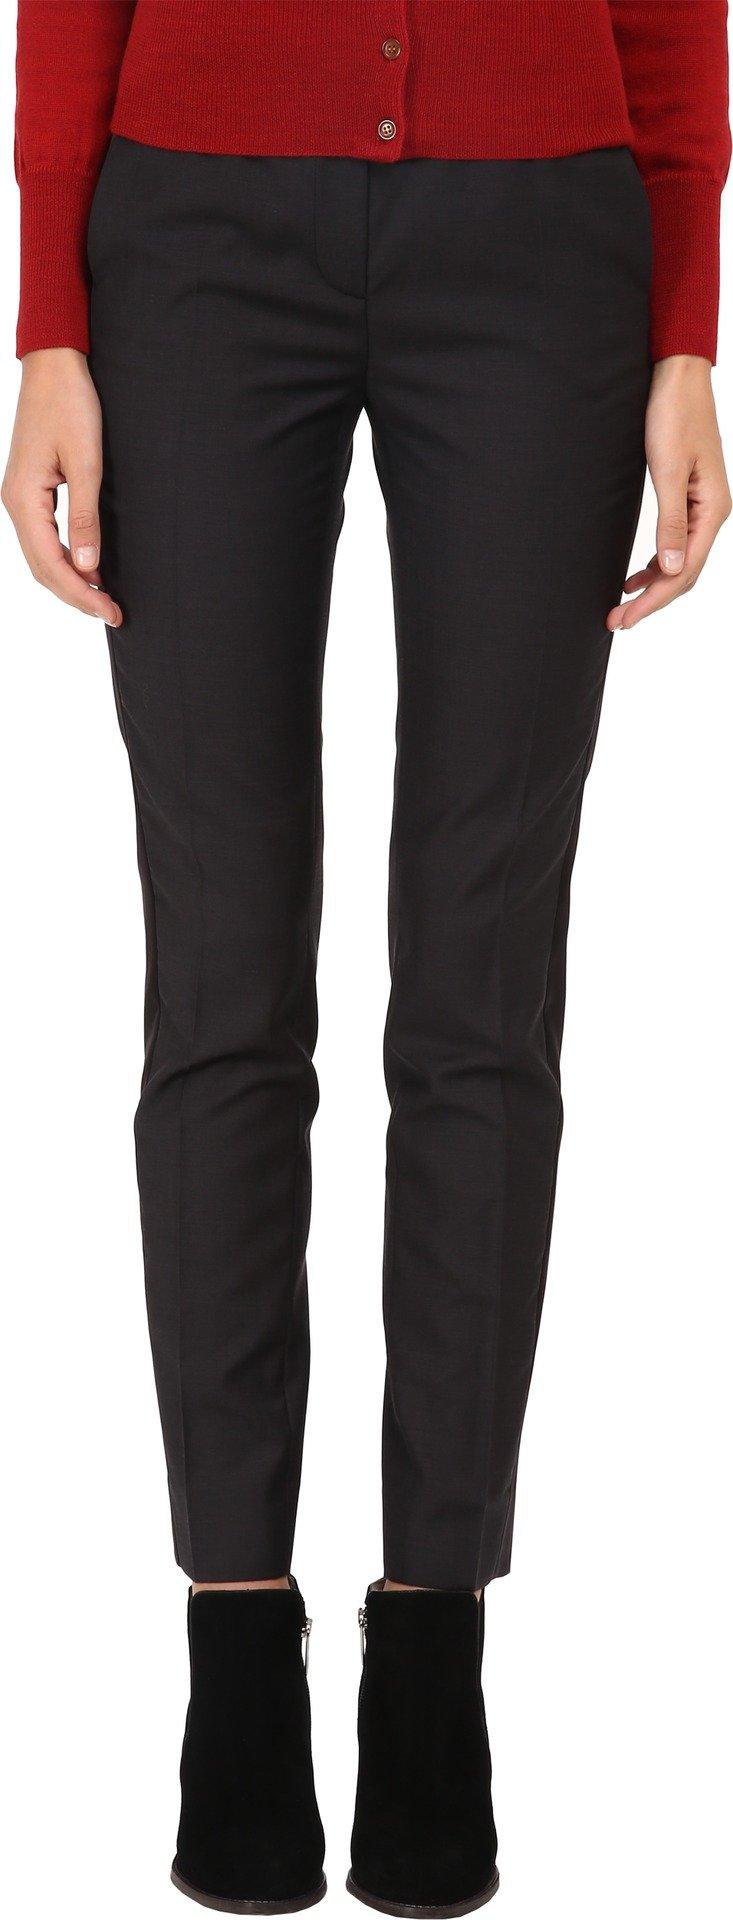 Vivienne Westwood Women's Classic Fine Wool Tuxedo Trousers Black 44 (US 8) X 28